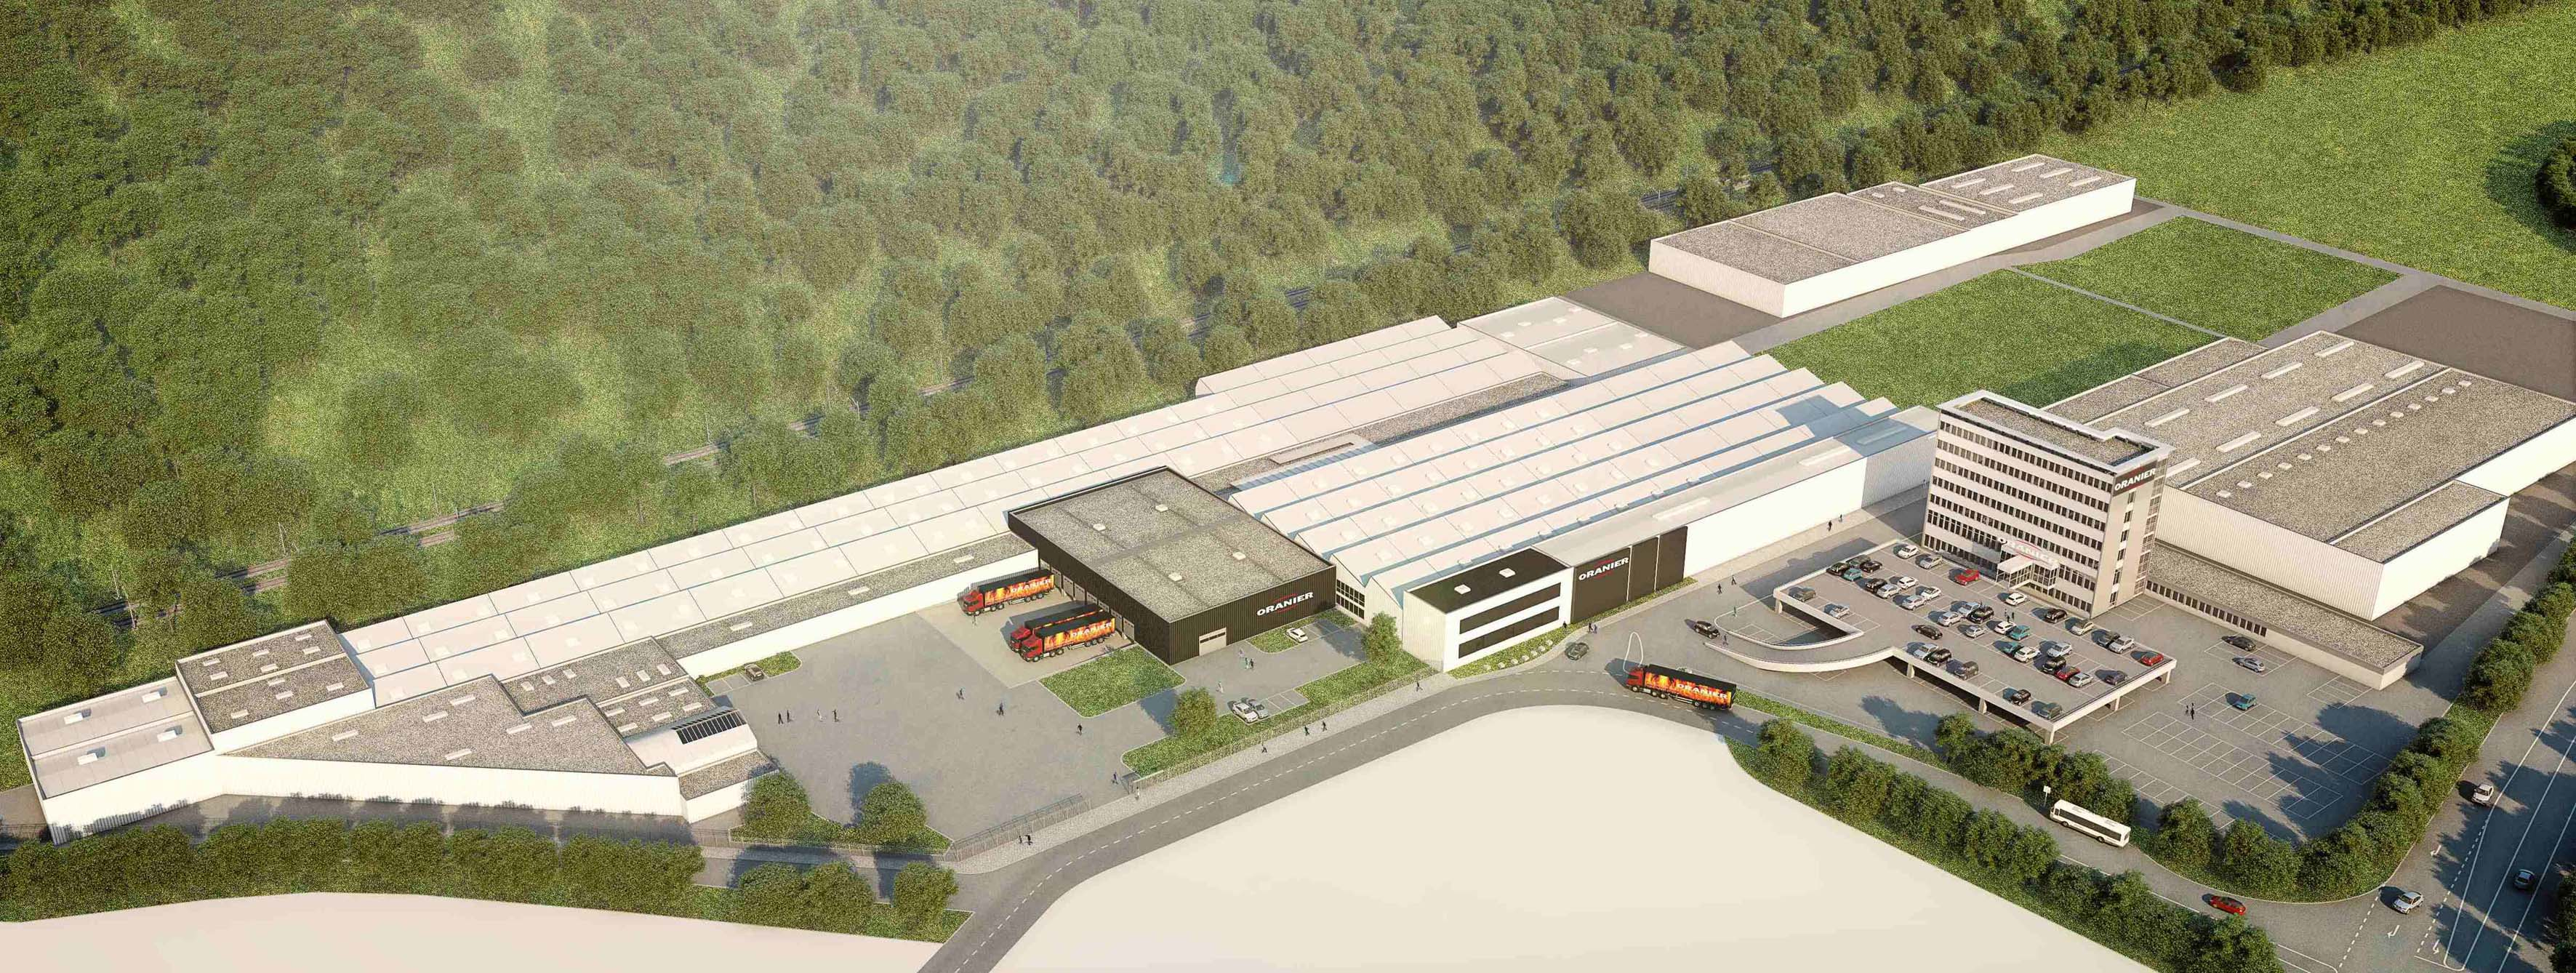 ORANIER erwirbt das Betriebsgelände der Firma Teka in Haige